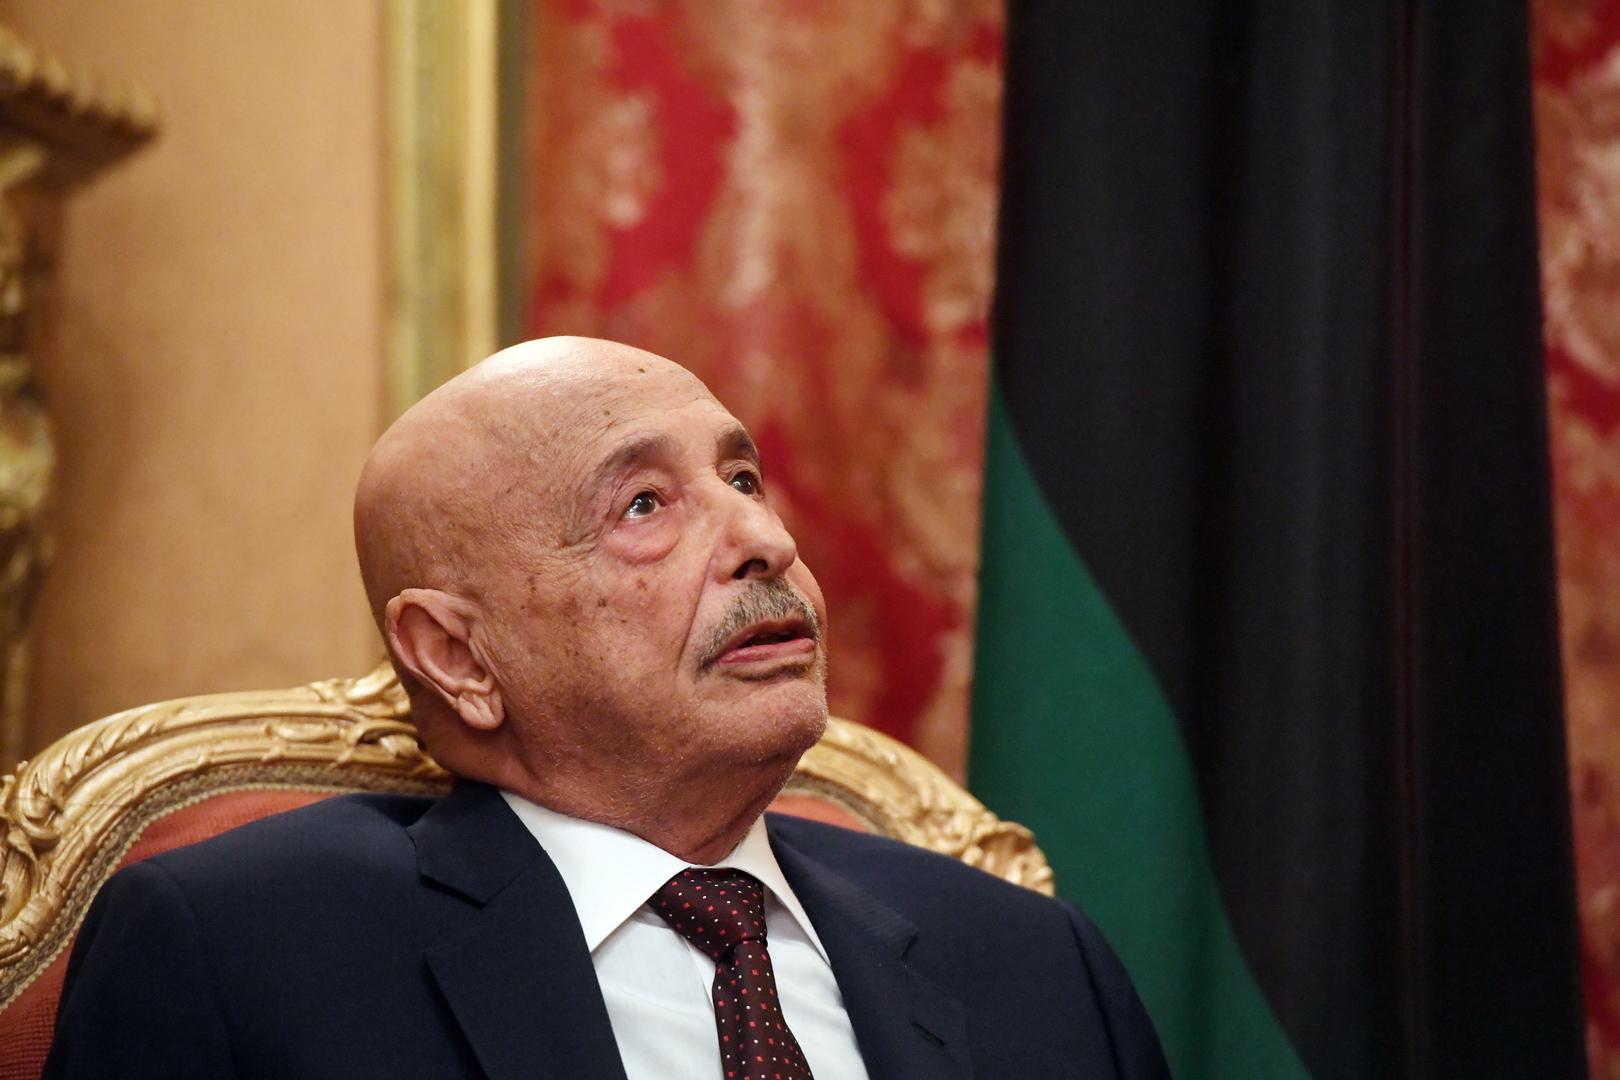 رئيس مجلس النواب الليبي إلى موسكو لبحث وقف إطلاق النار